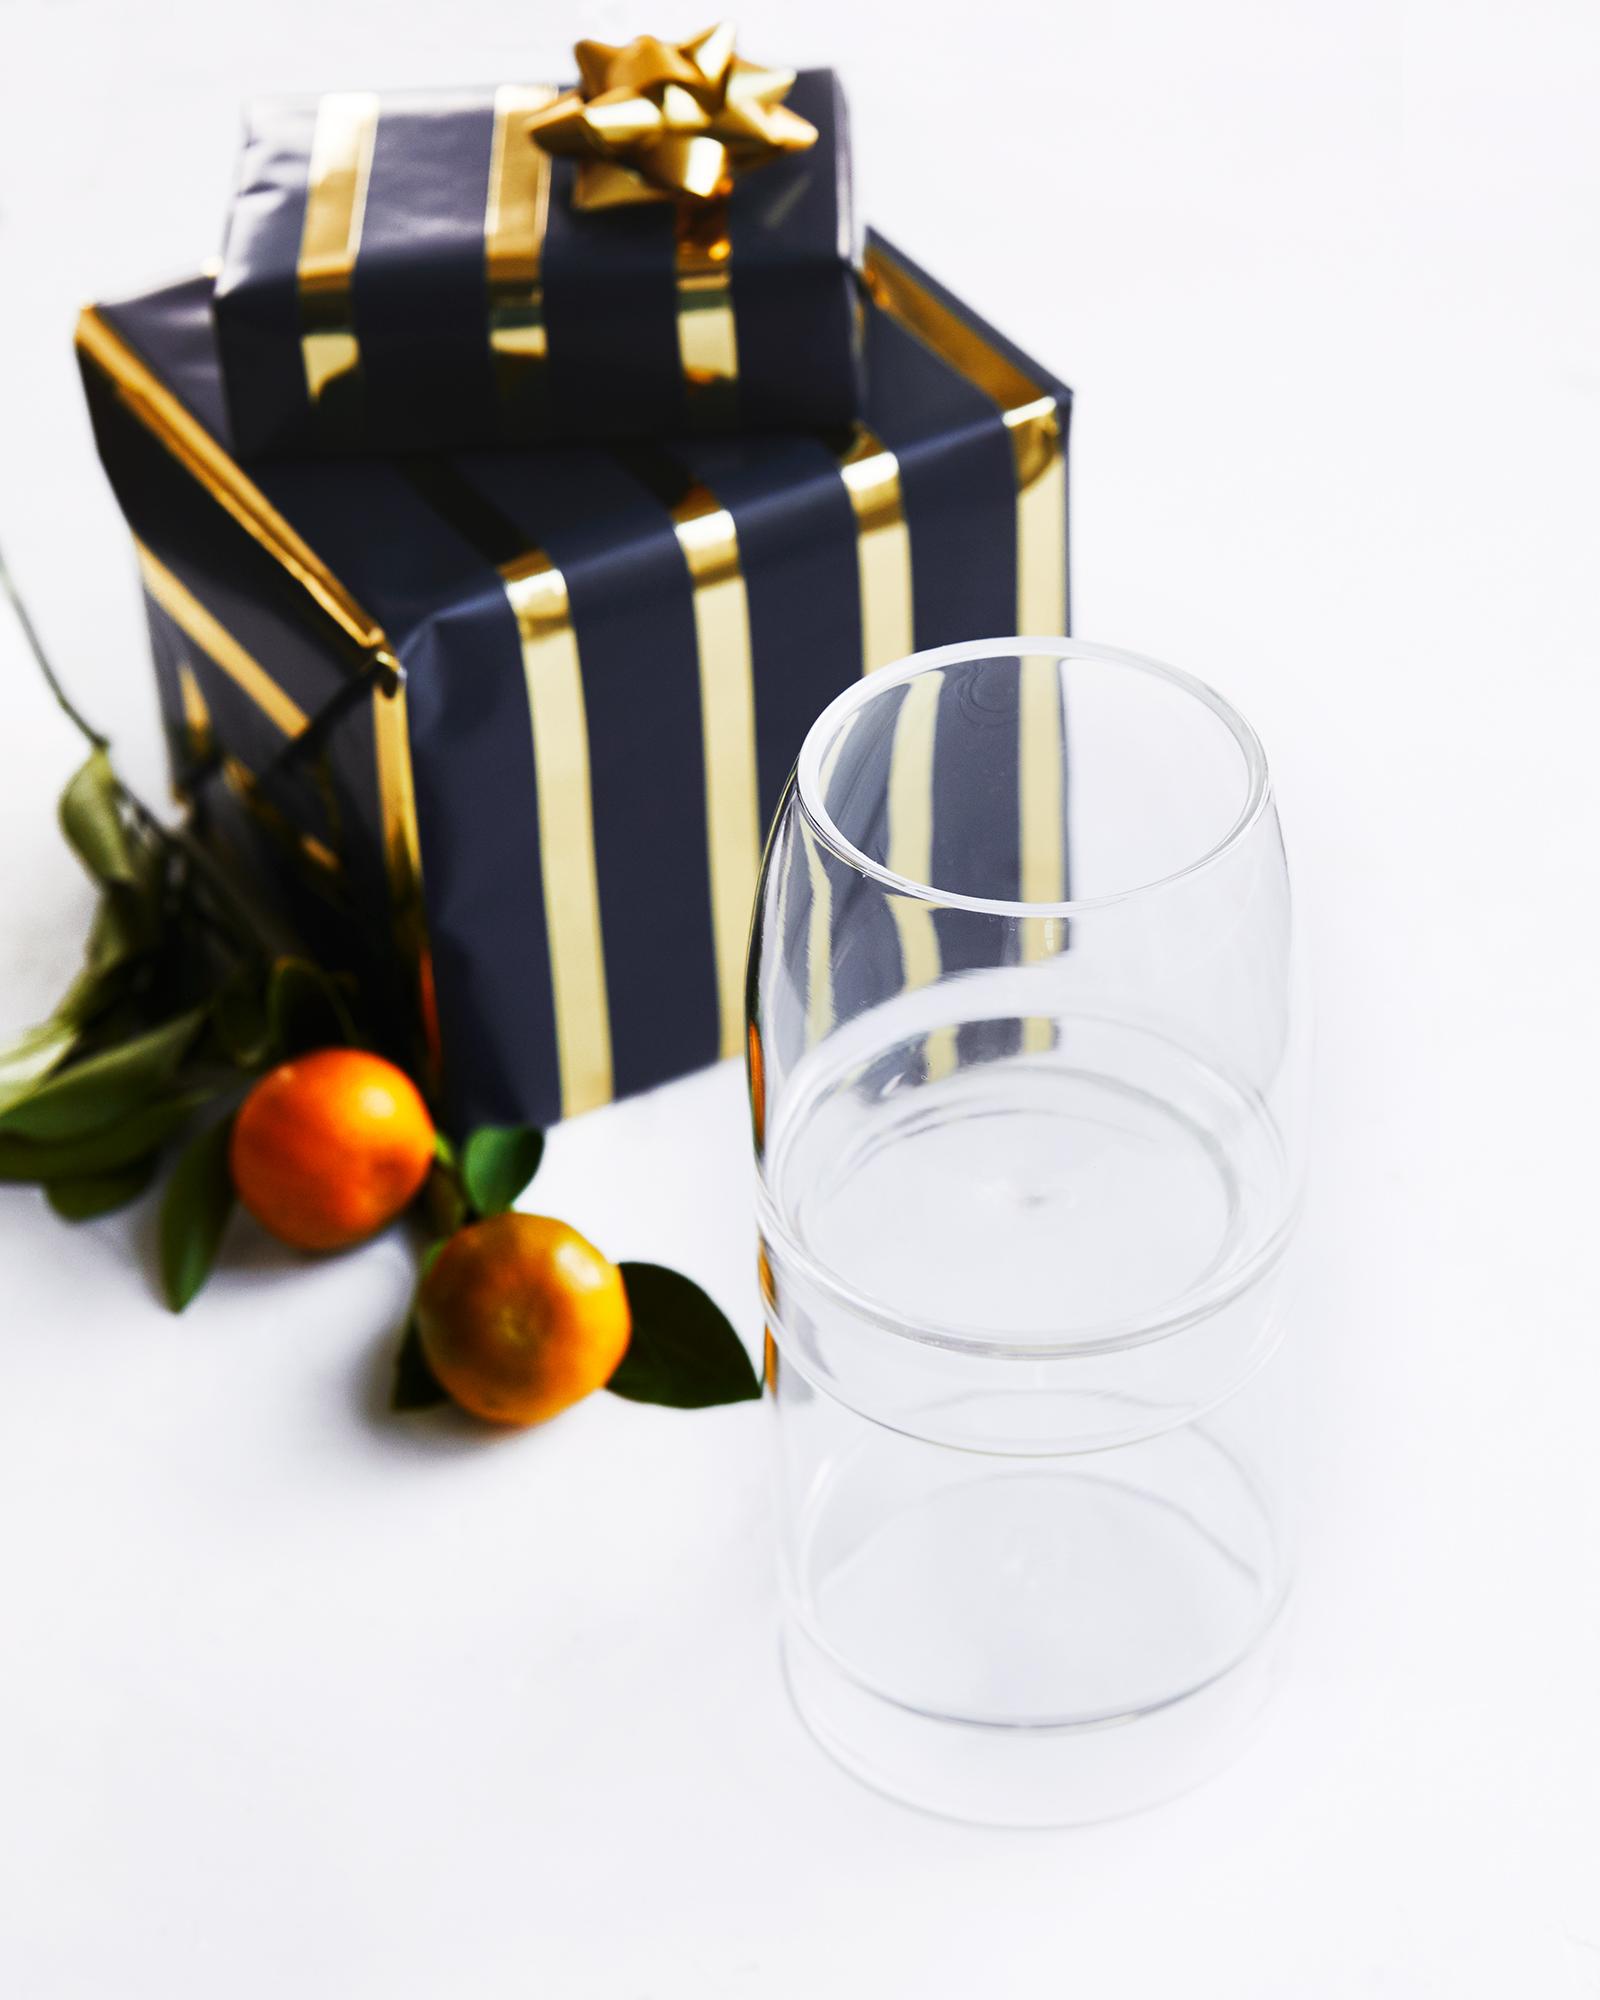 Better-Happier-Gift-Guide-2410.jpg